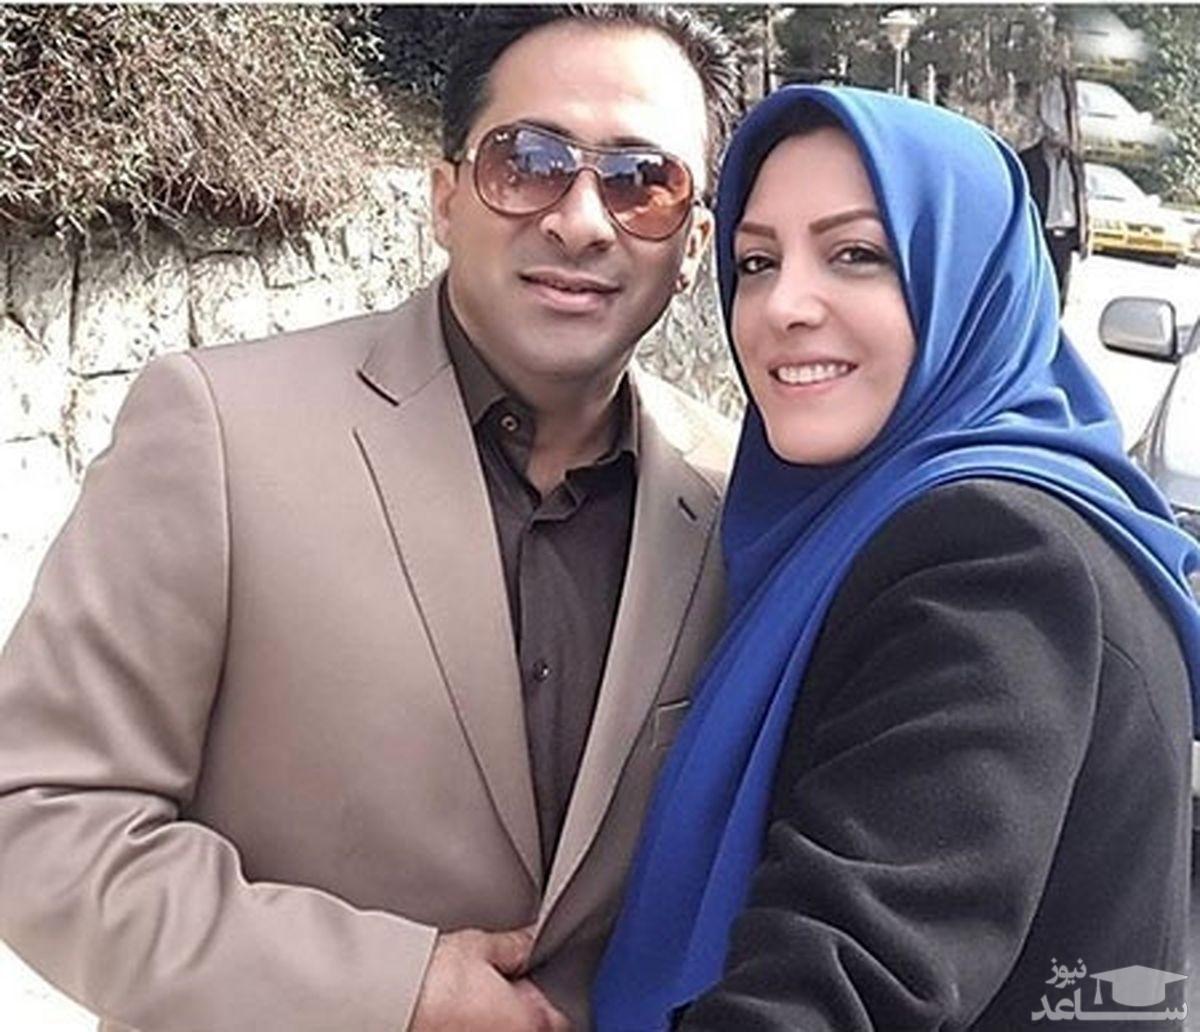 سلفی آقای مجری با چهرههای معروف/ از عادل فردوسی پور تا آرش برهانی